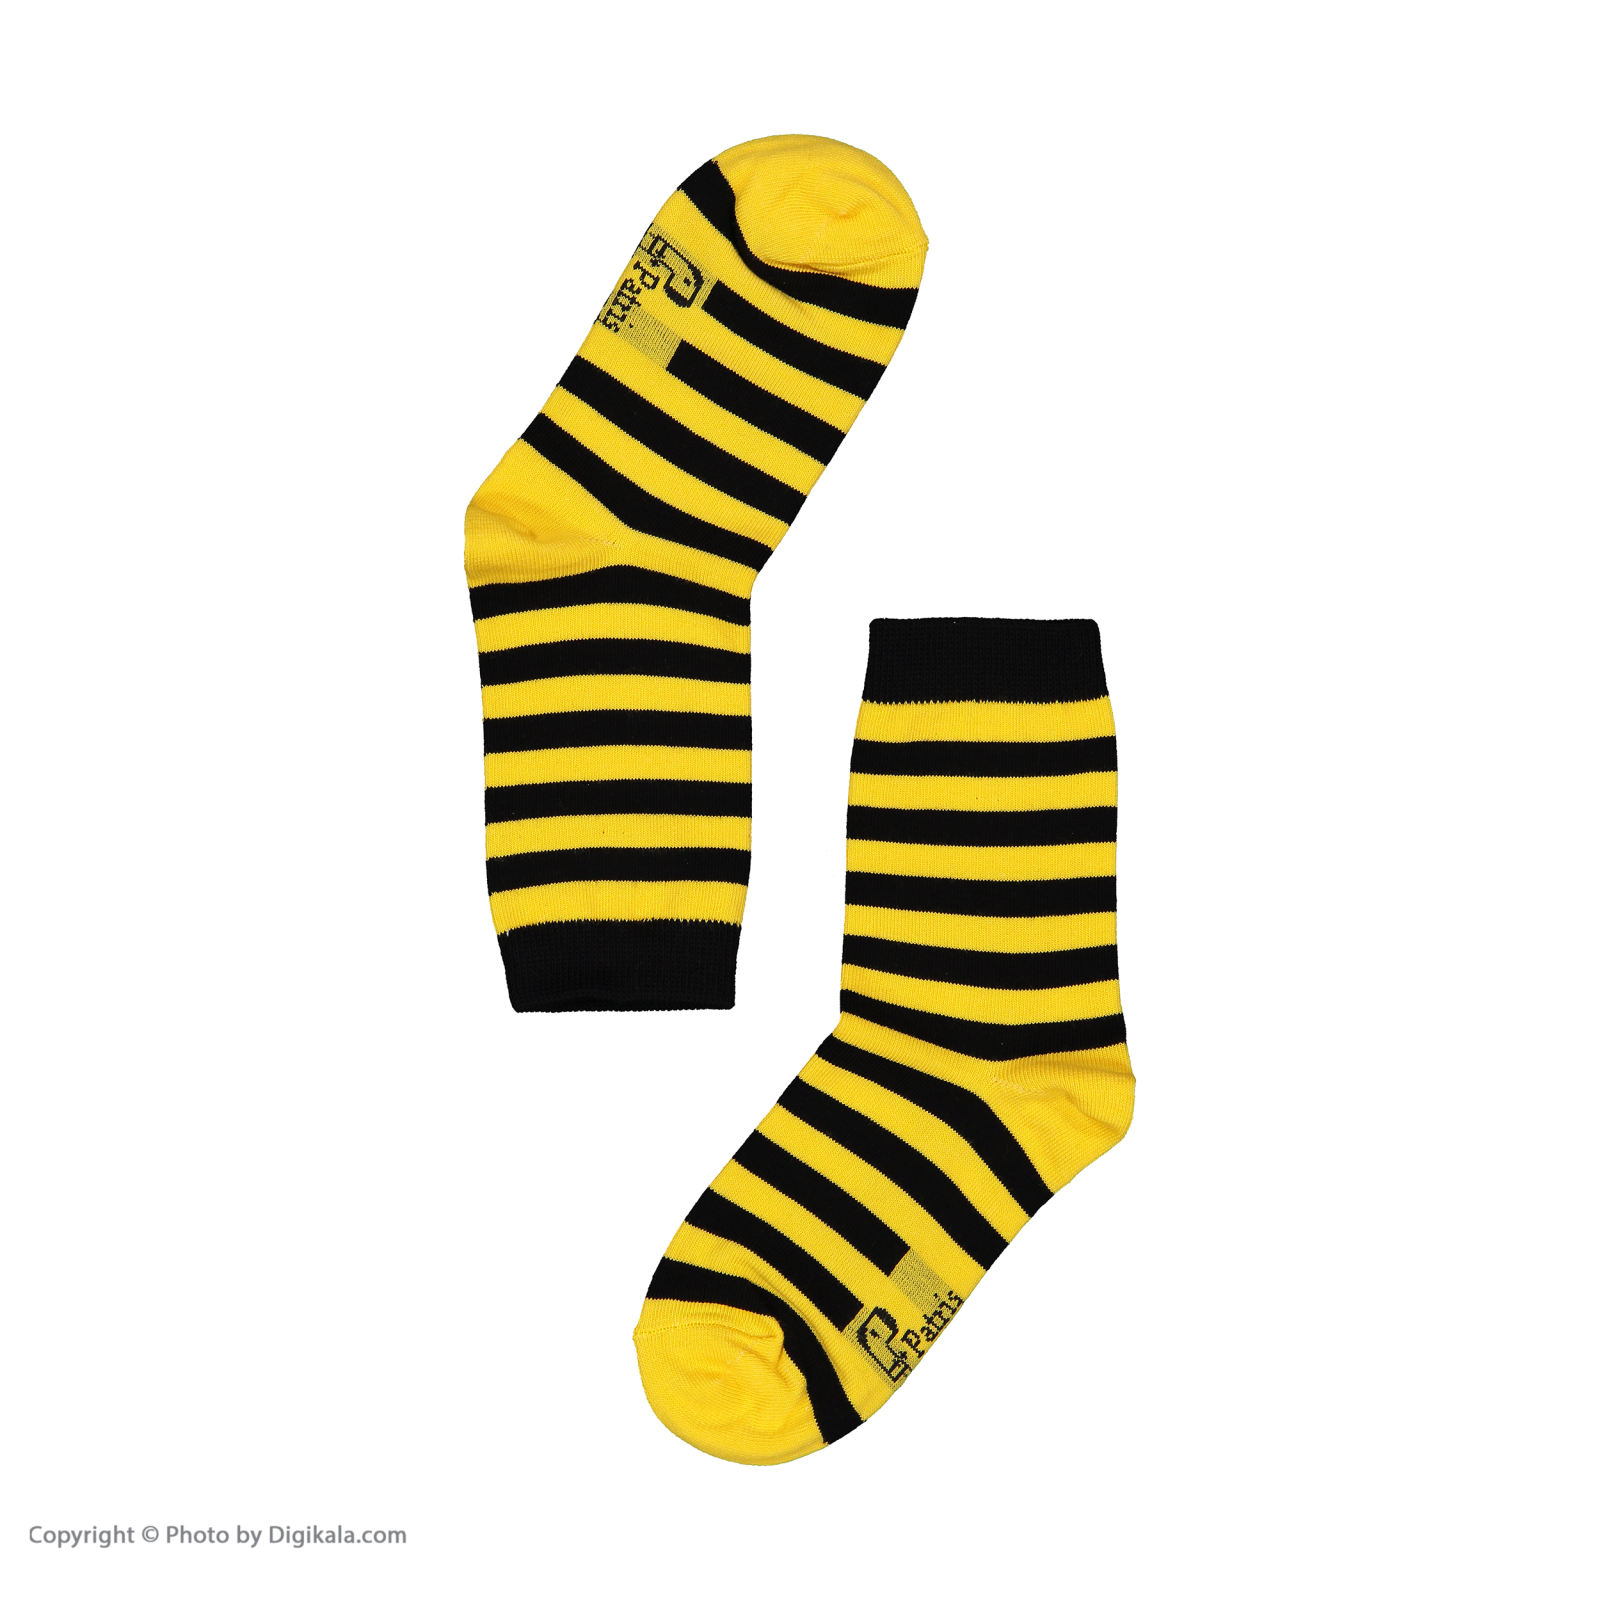 جوراب بچگانه پاتریس طرح زنبوری مدل 2271193-16 -  - 3